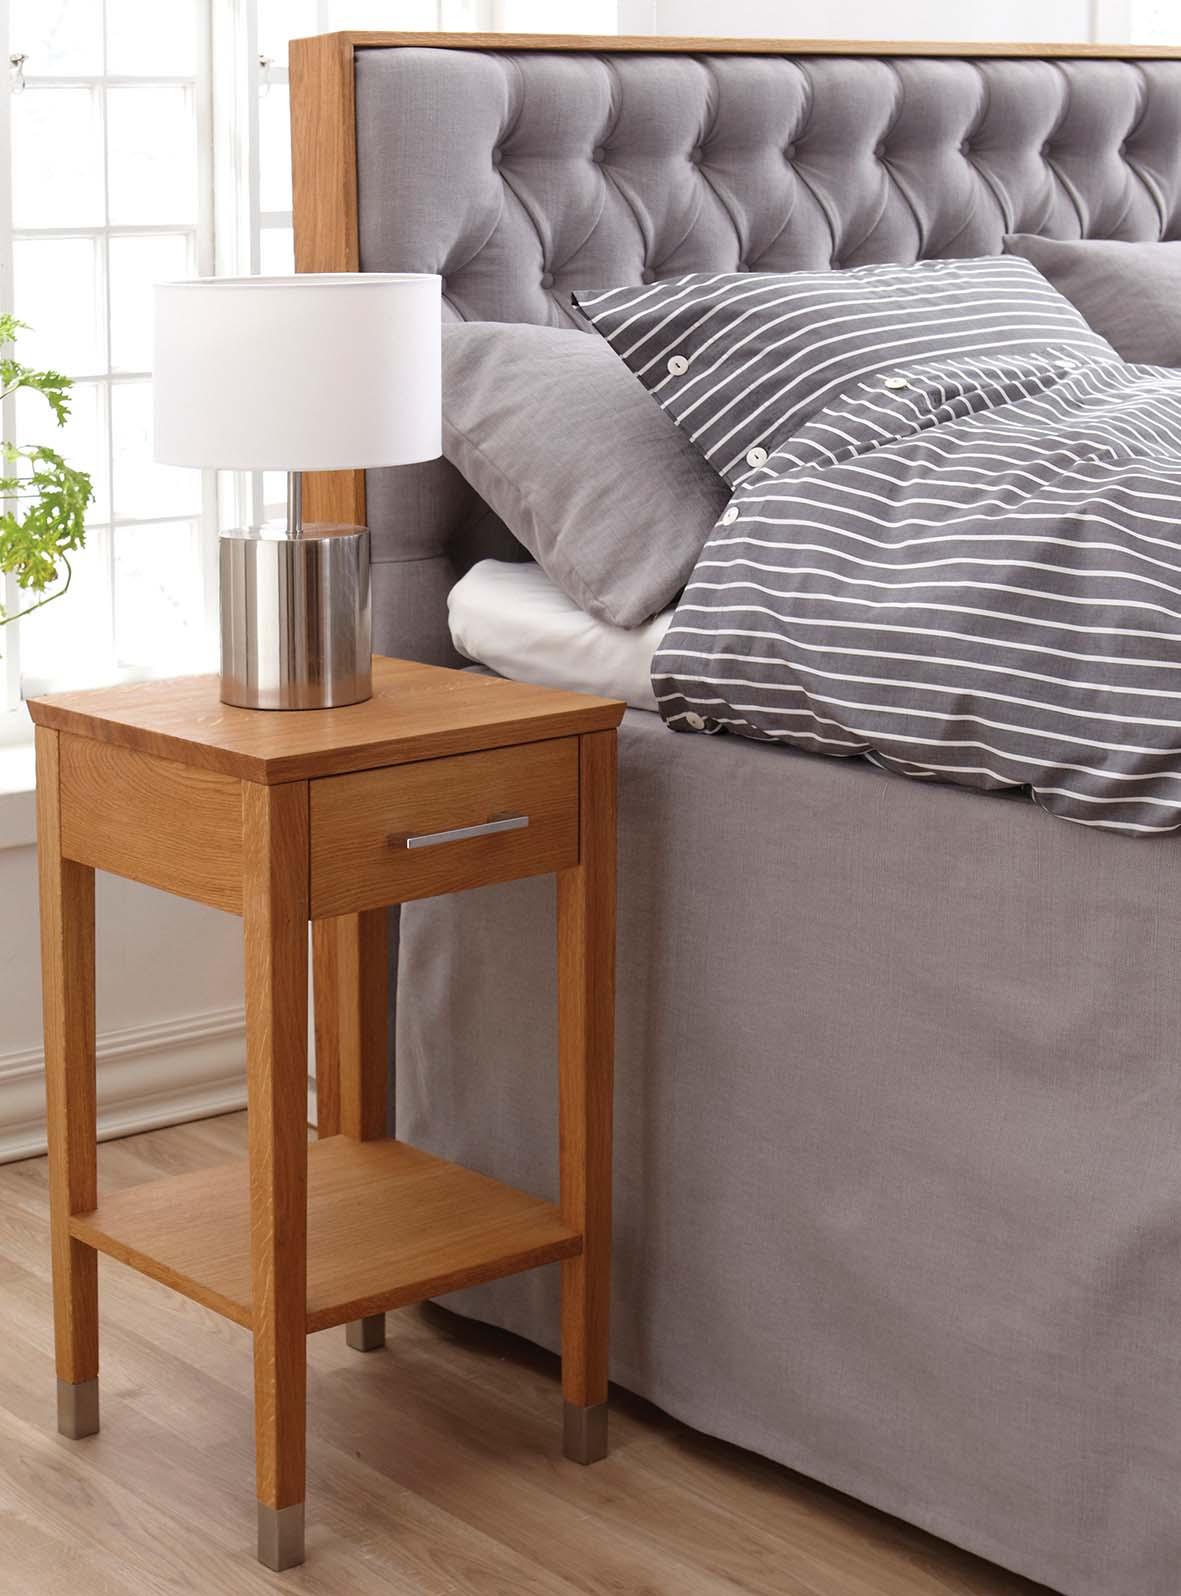 Solhall sänggavel med ekram.